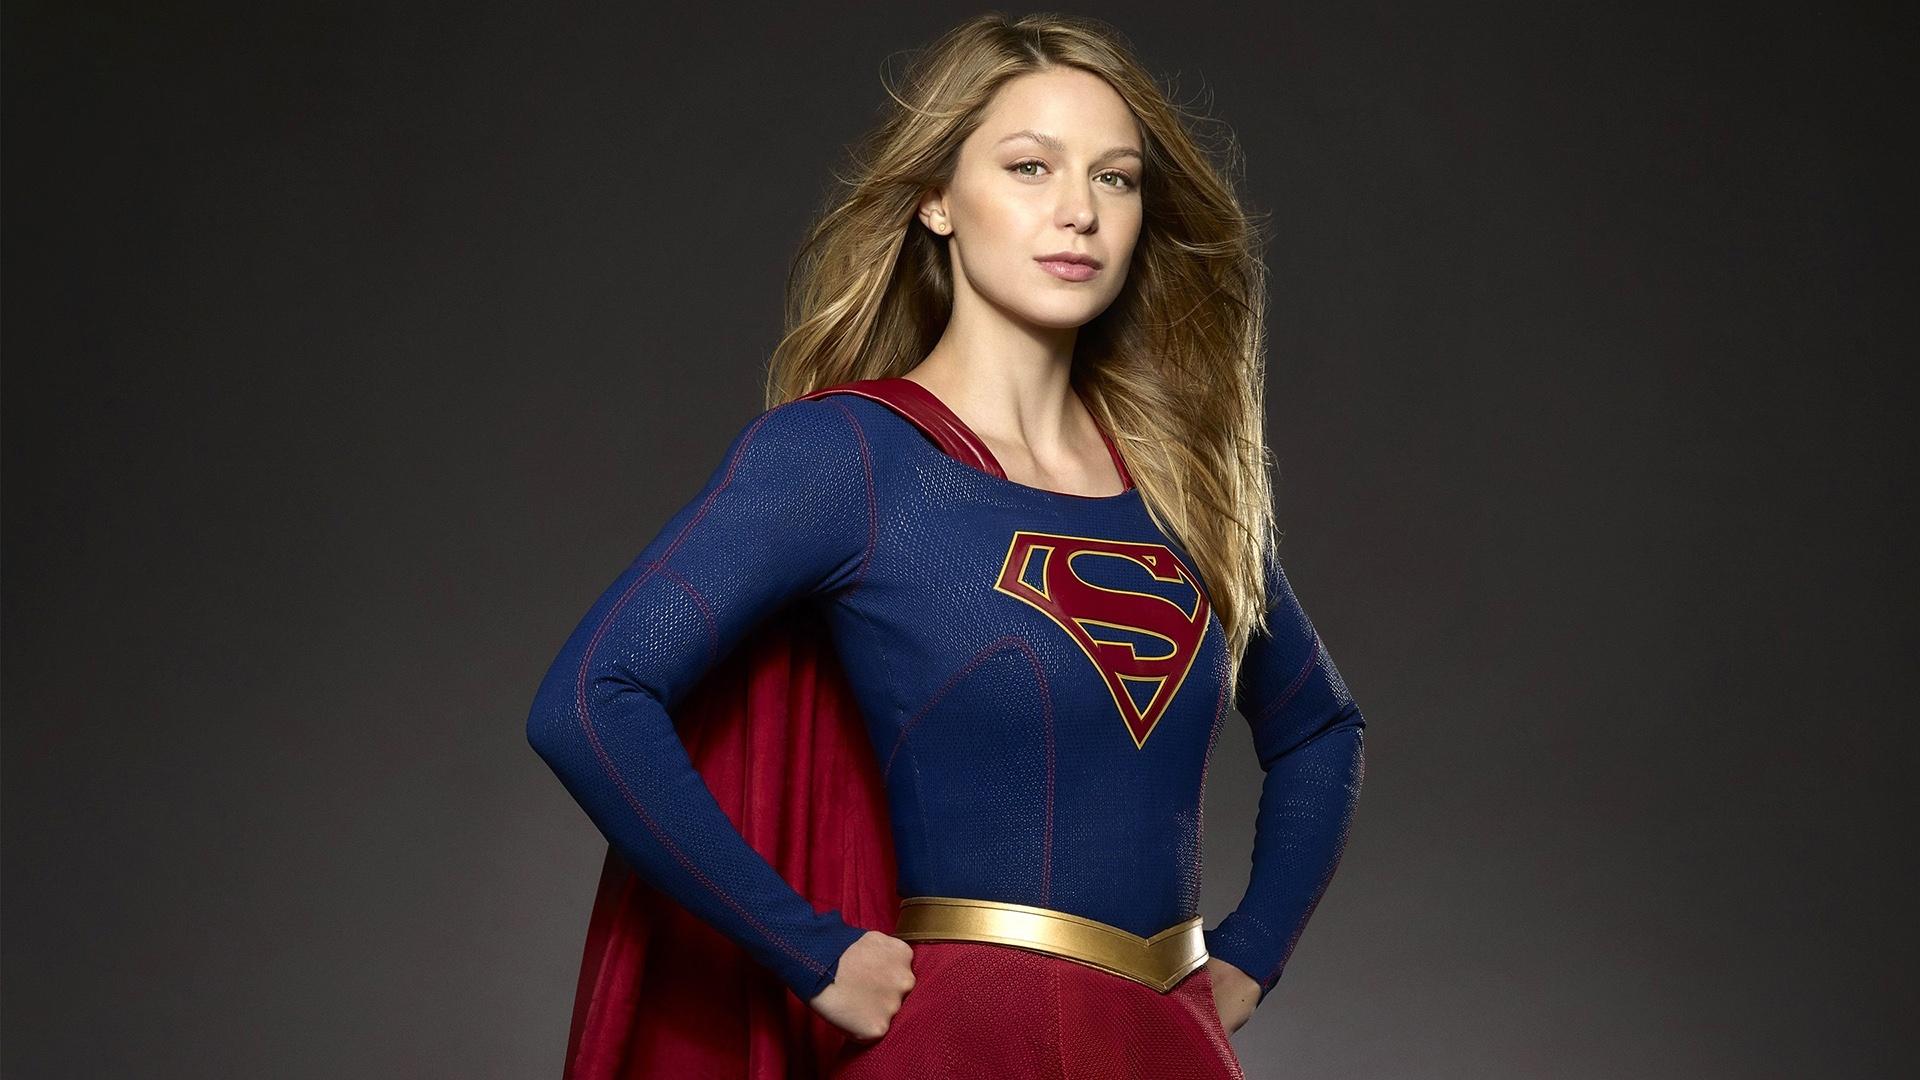 Supergirl desktop background